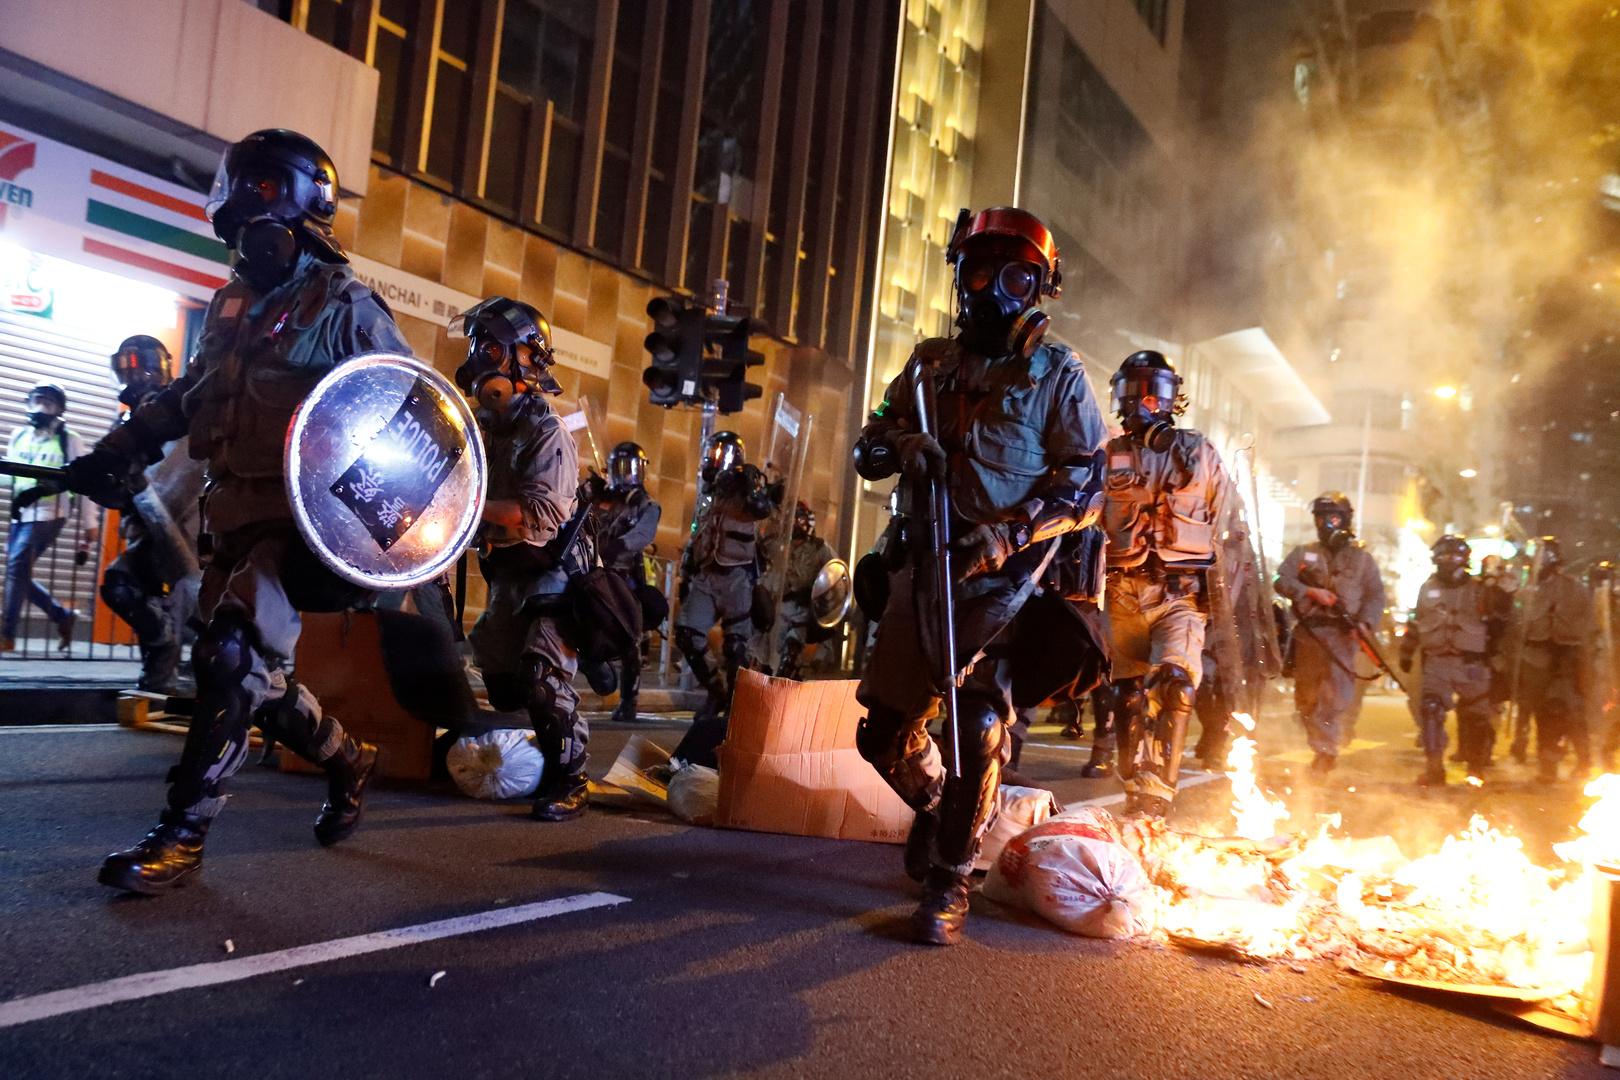 الاتحاد الأوروبي: نهج الصين تجاه هونغ كونغ مقلق جدا لكننا لن نفرض عقوبات